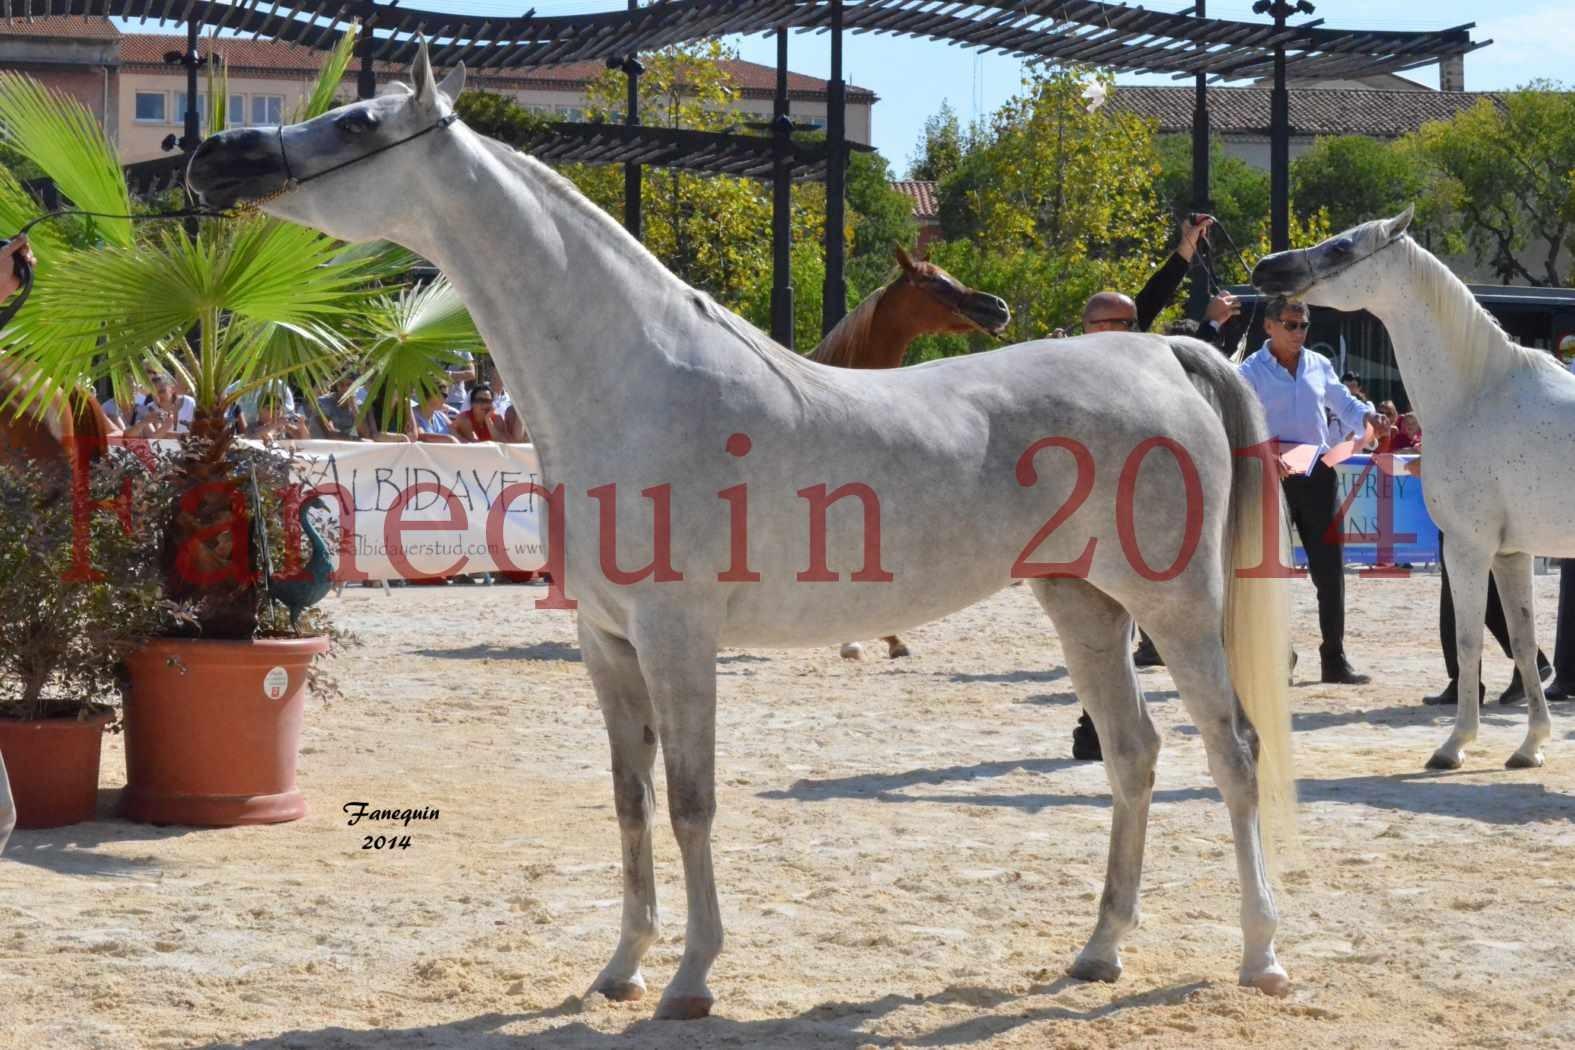 Concours National de Nîmes de chevaux ARABES 2014 - Notre Sélection - ELLESTERA - 04